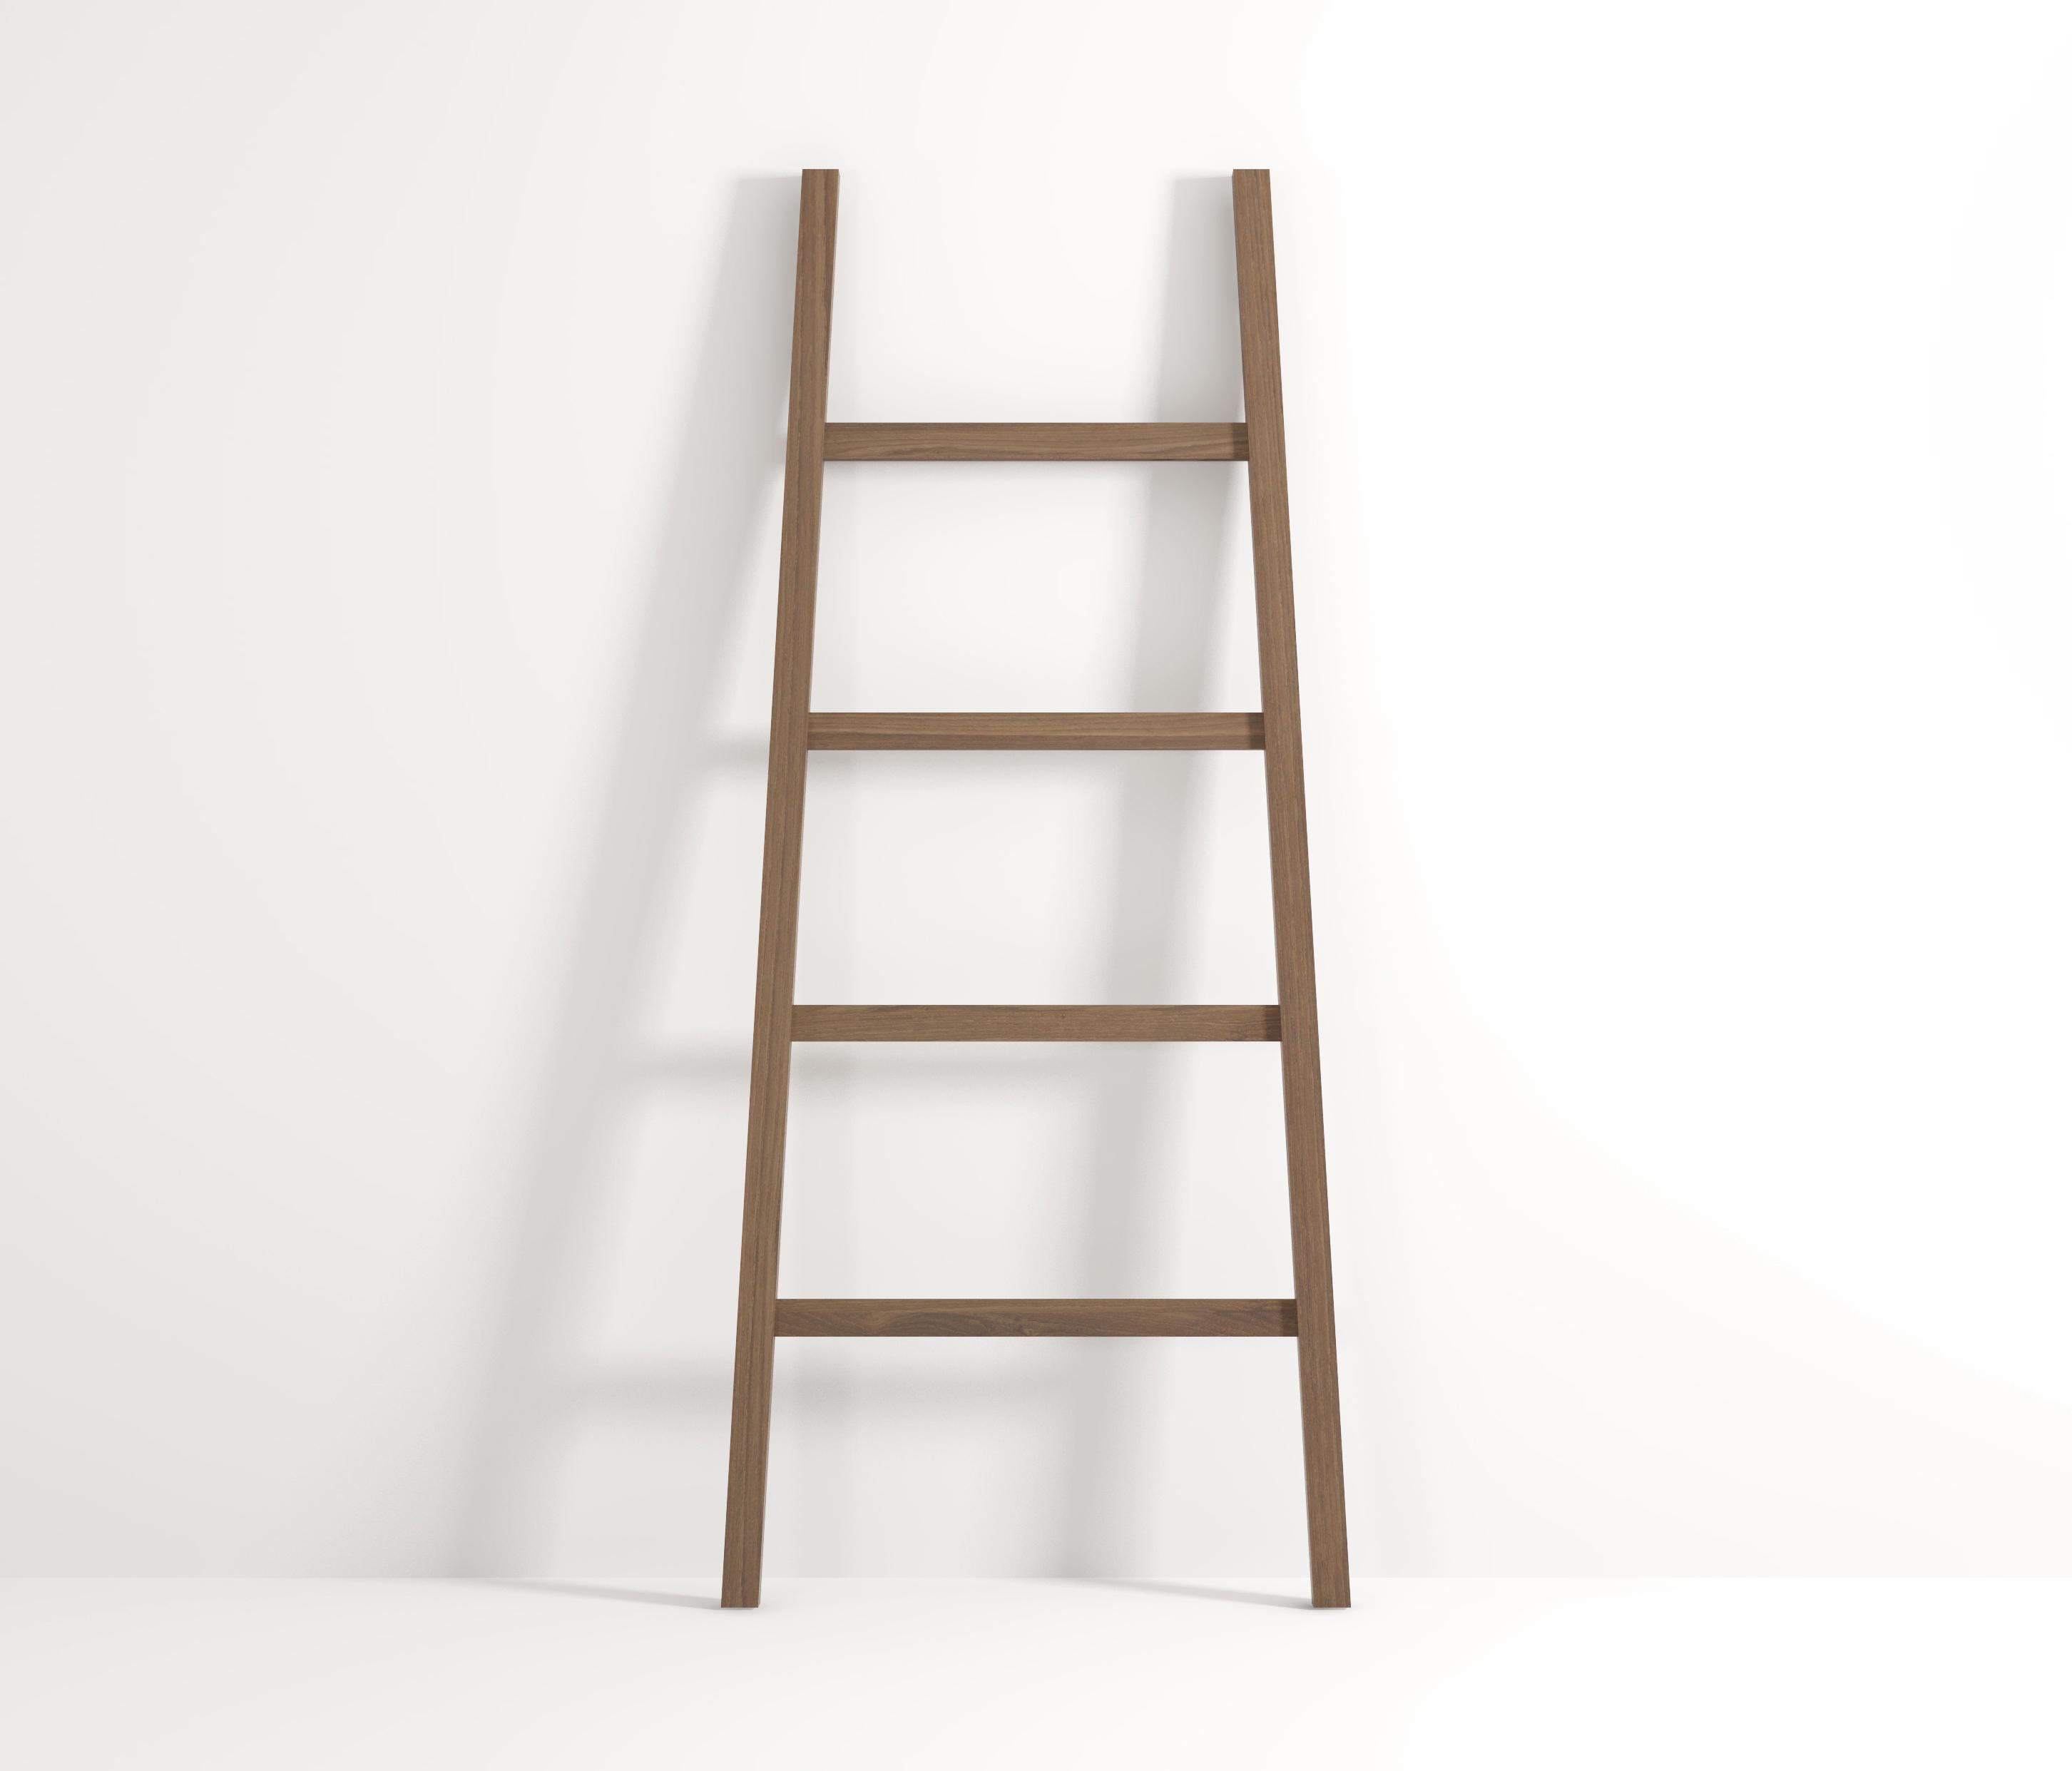 Bathroom Towel Ladder South Africa: LADDER - Towel Rails From Idi Studio